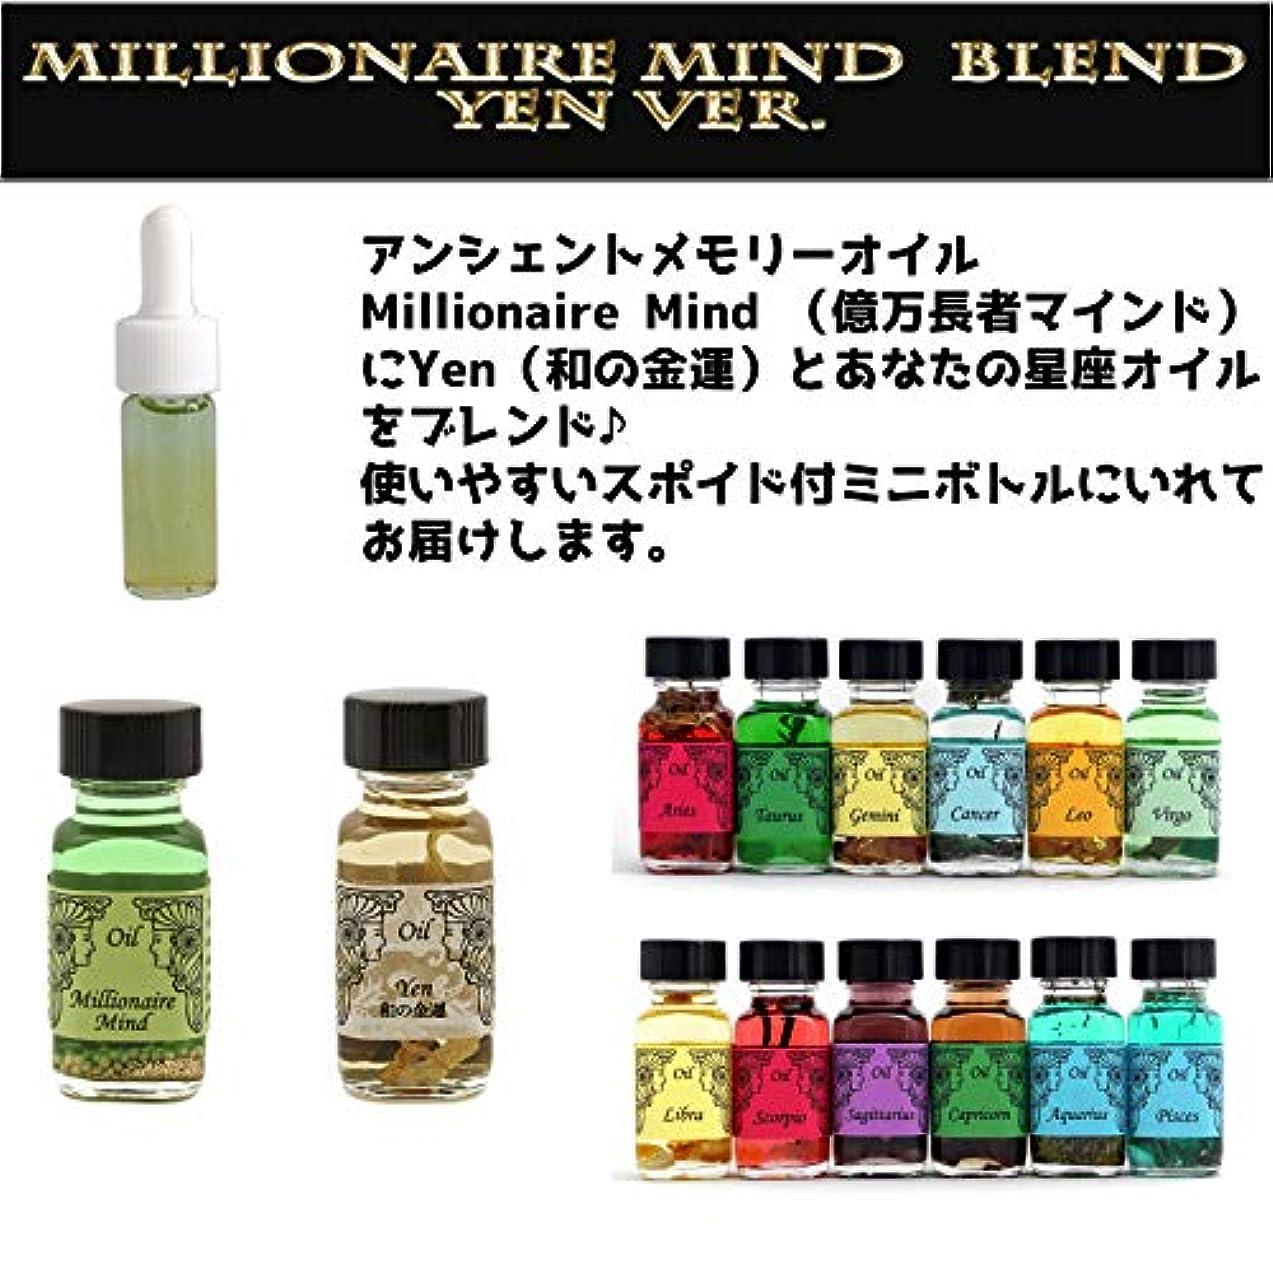 非公式オークション任命アンシェントメモリーオイル Millionaire Mind 億万長者マインド ブレンド【Yen 和の金運&しし座】